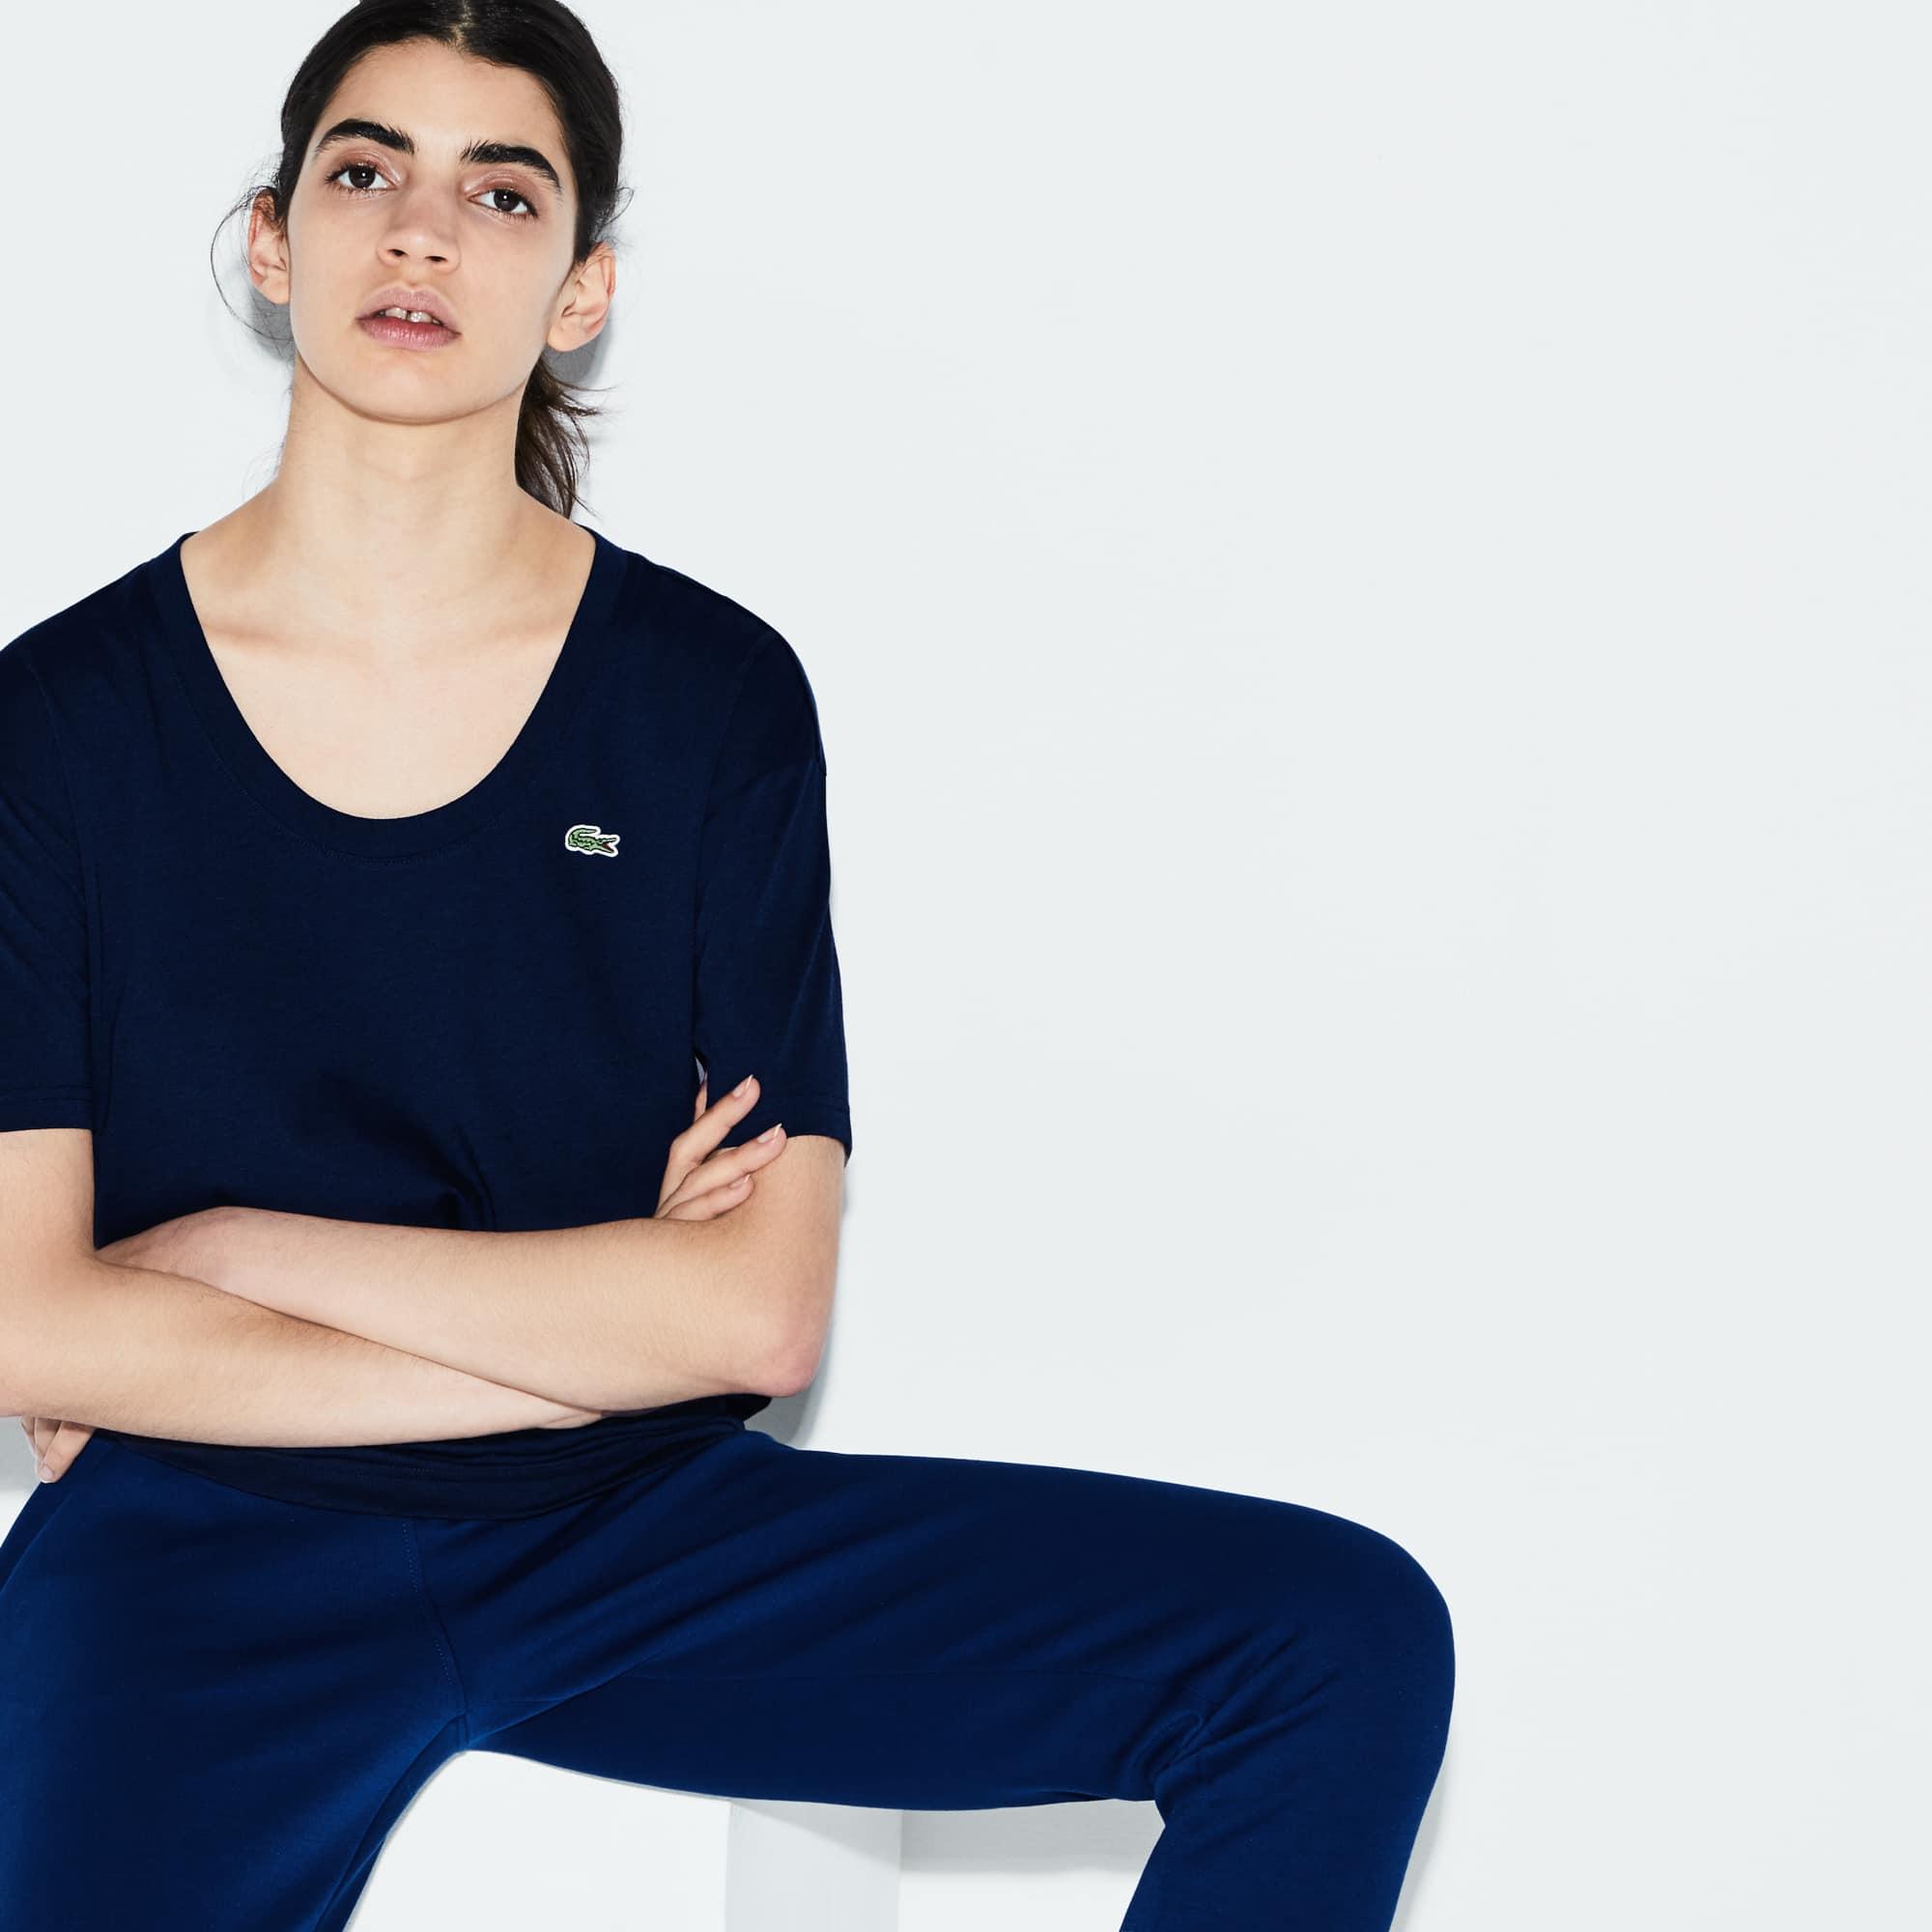 Women's  SPORT U-neck Flowing Jersey Tennis T-shirt